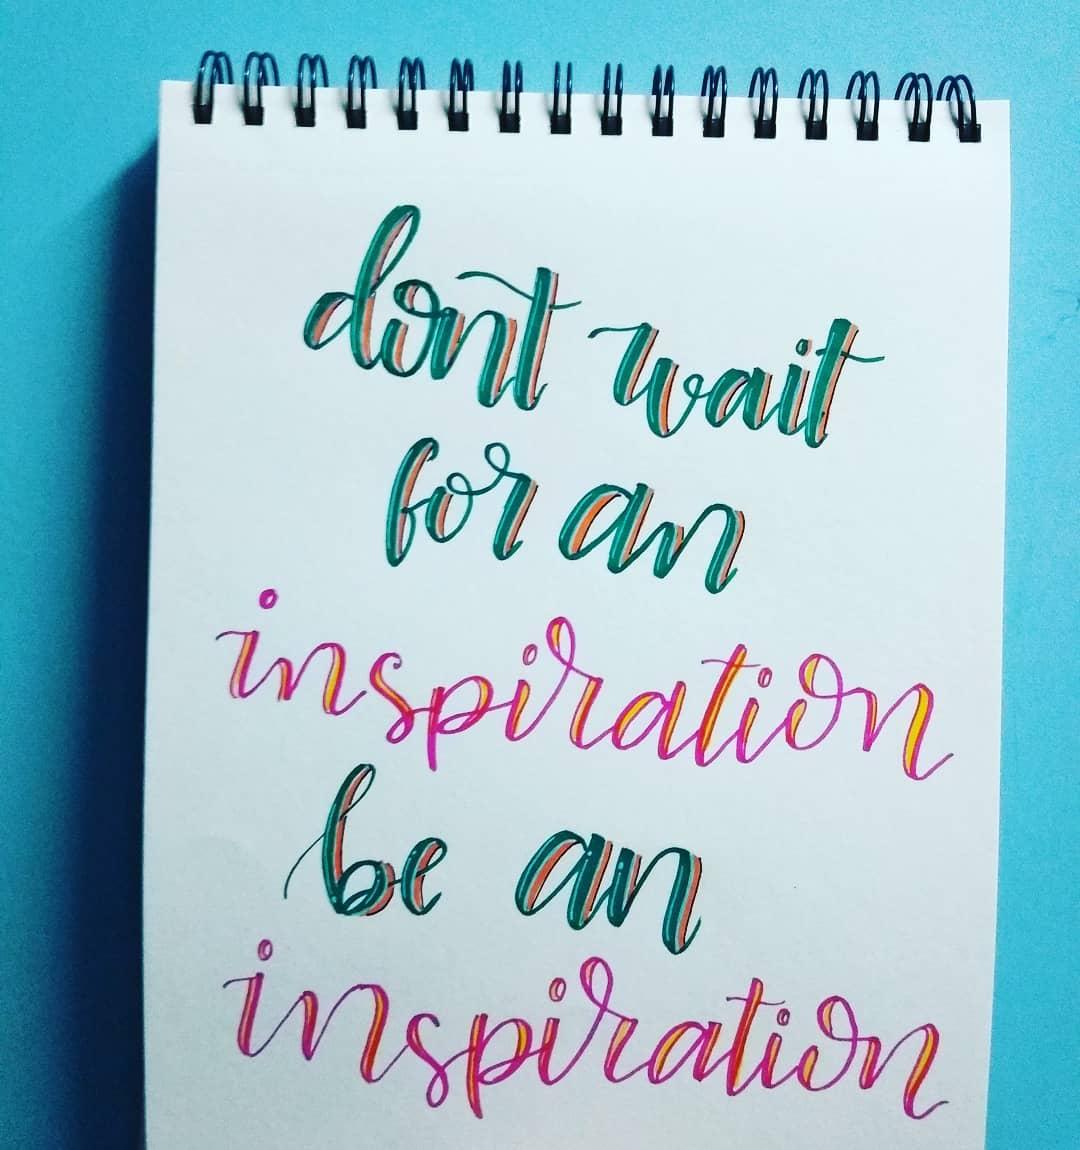 Don't wait for inspiration. Be an inspiration. (Não espere por inspiração. Seja uma inspiração)